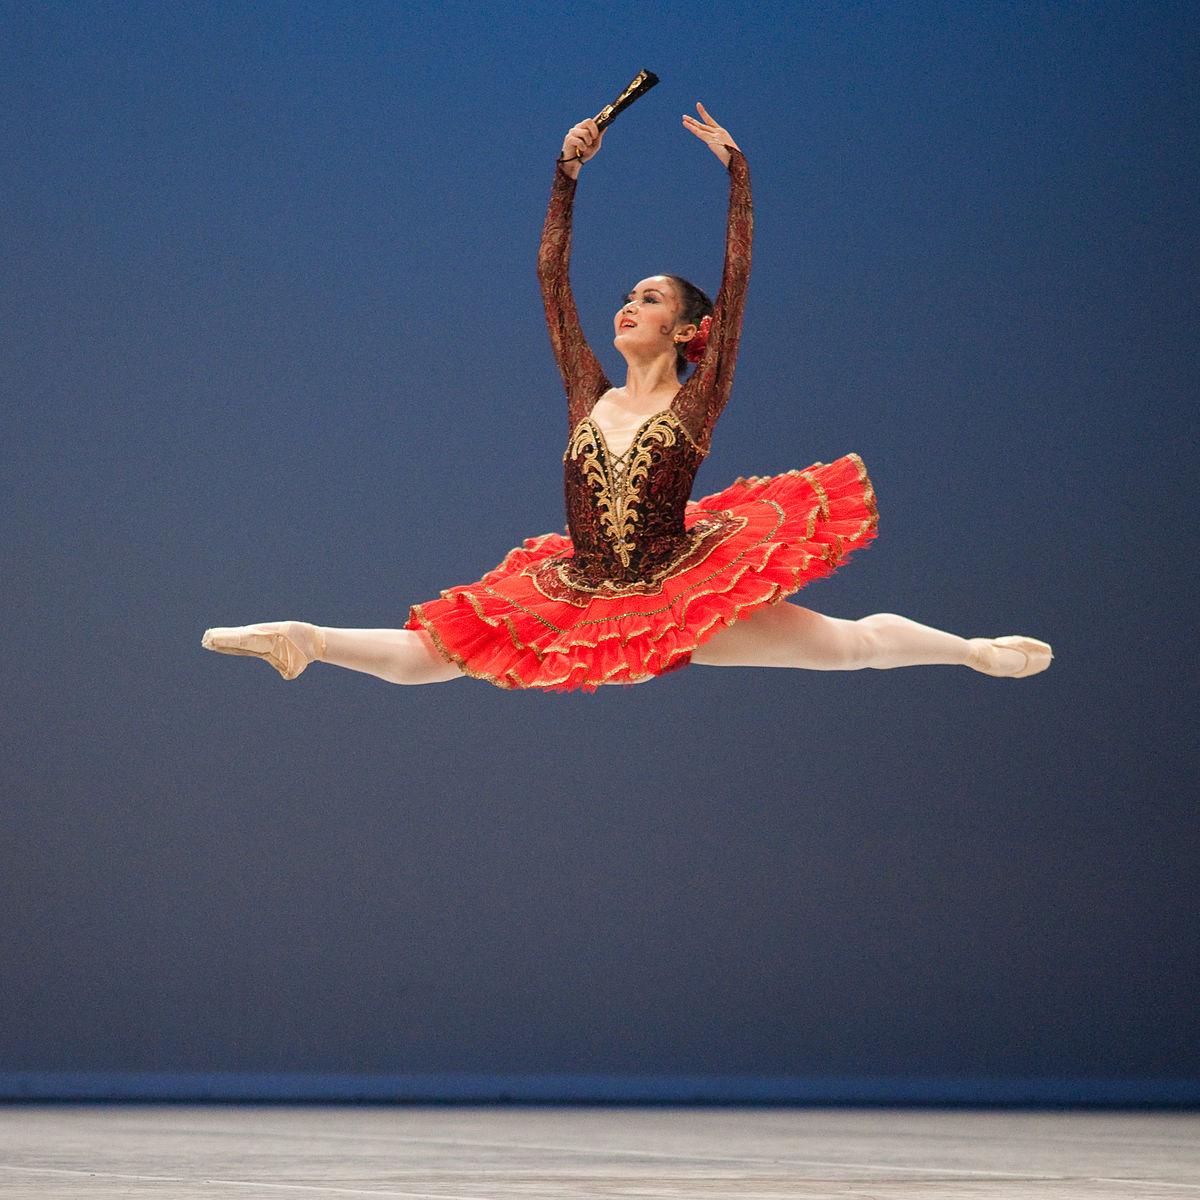 Variation (ballet)